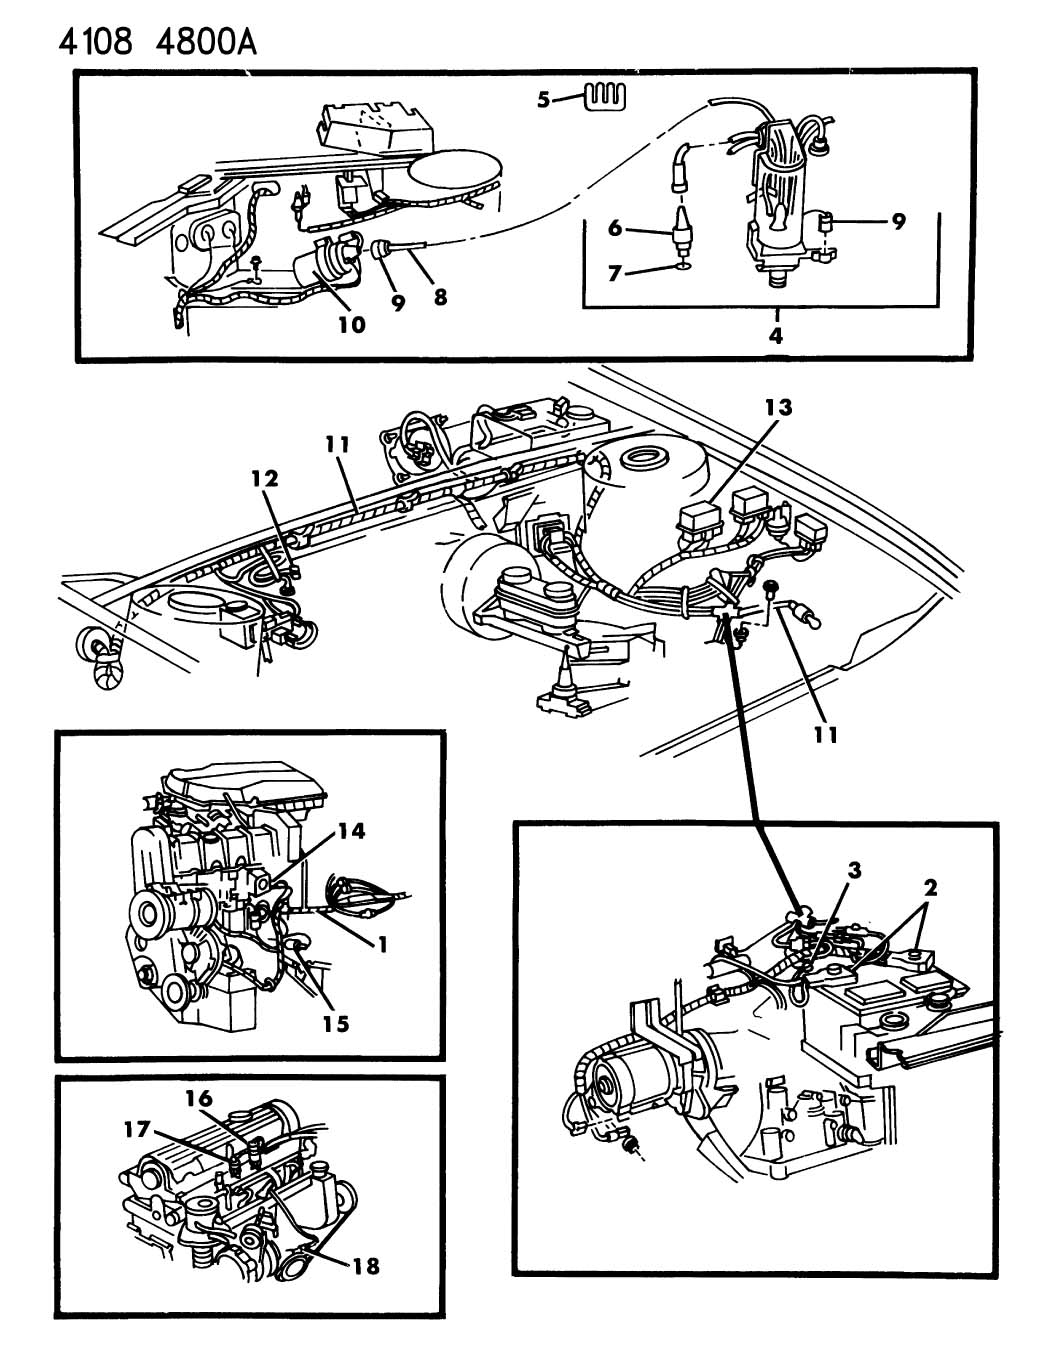 MD027766. Set spark plug. Gasoline, setspark, pdcvet